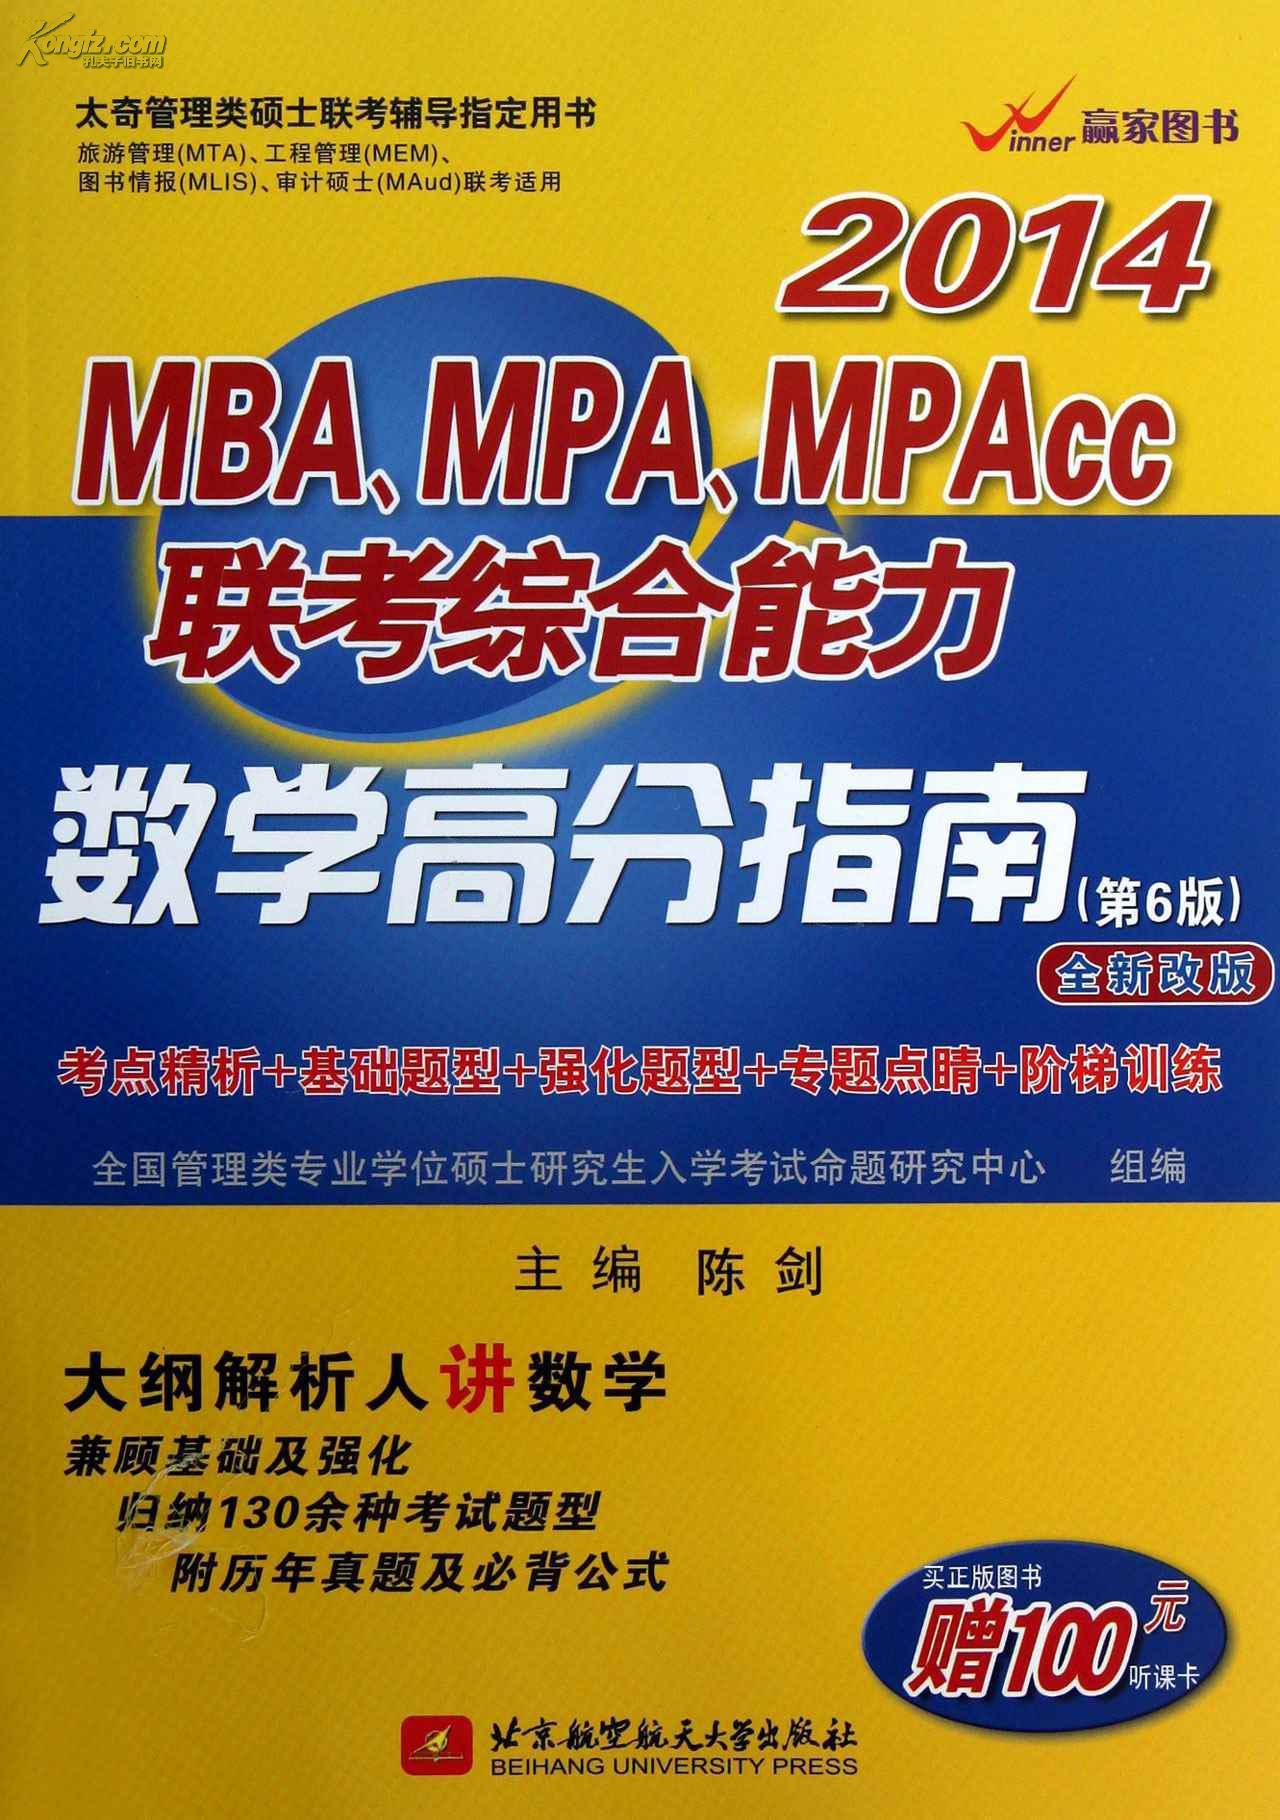 75折 数学高分指南 第6版(2014mba/mpa/mpacc联考综合能力)